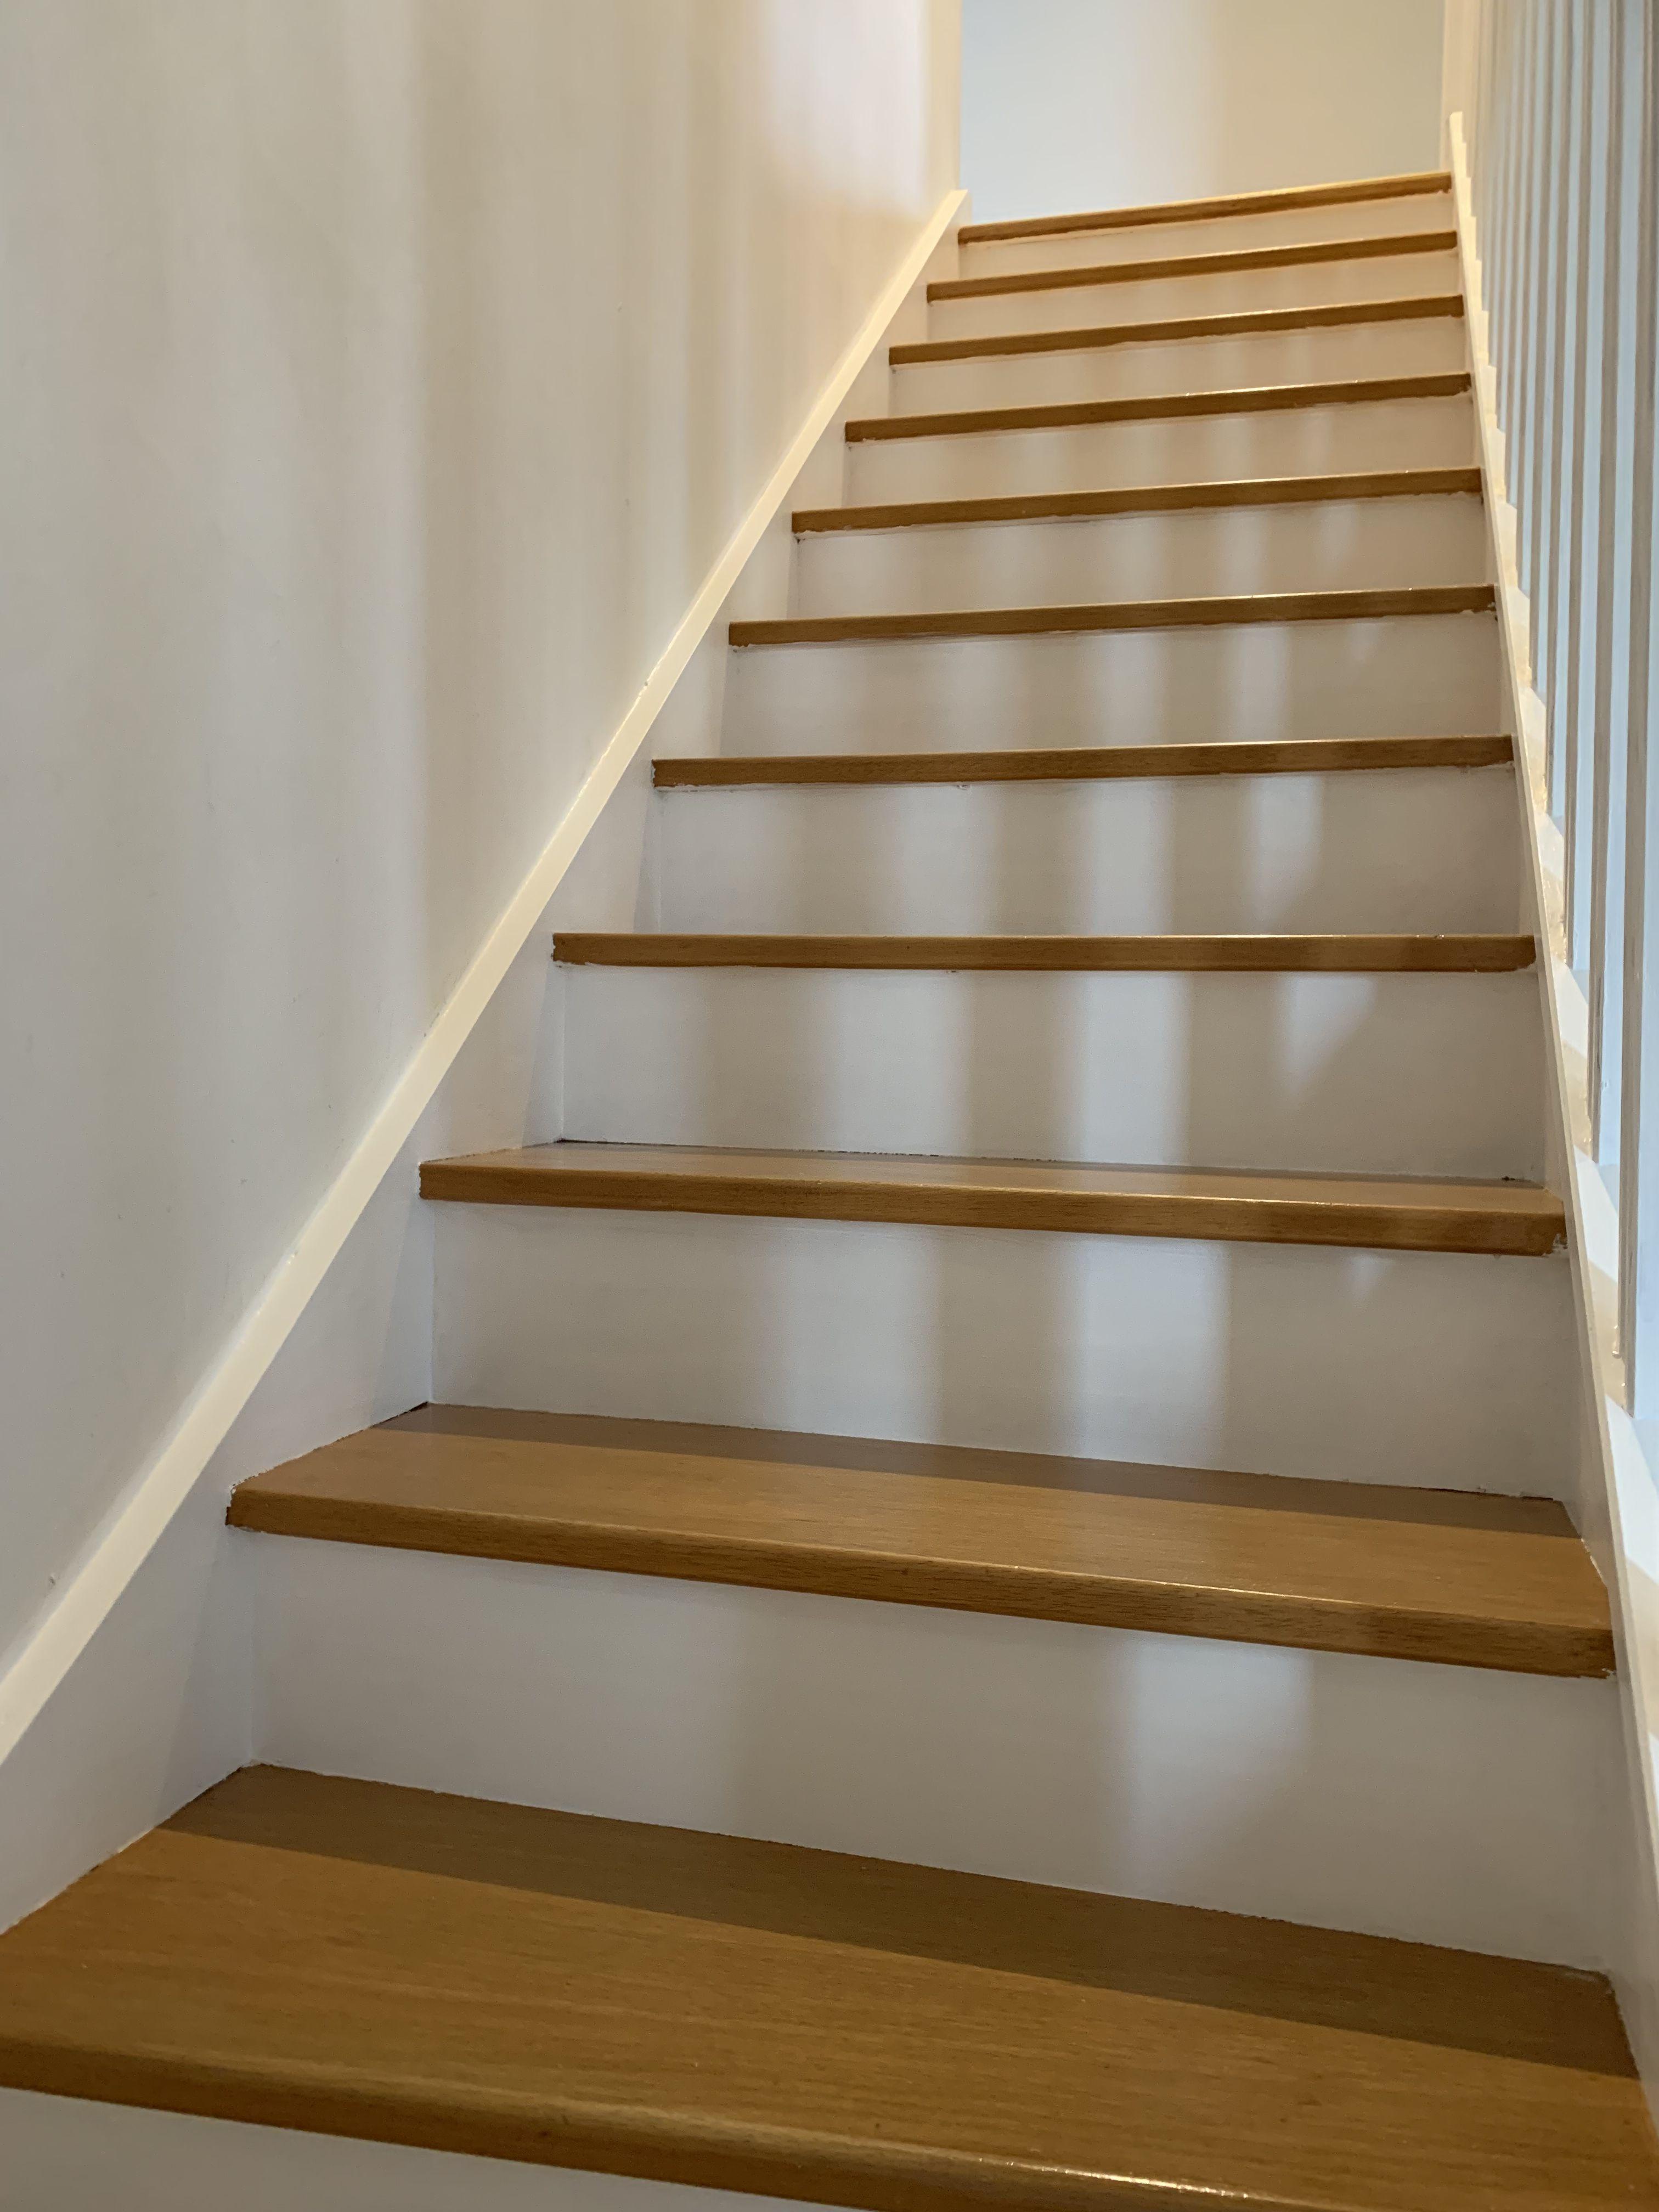 Epingle Par Stessie Bouchet Sur Deco Salon En 2020 Escalier Bois